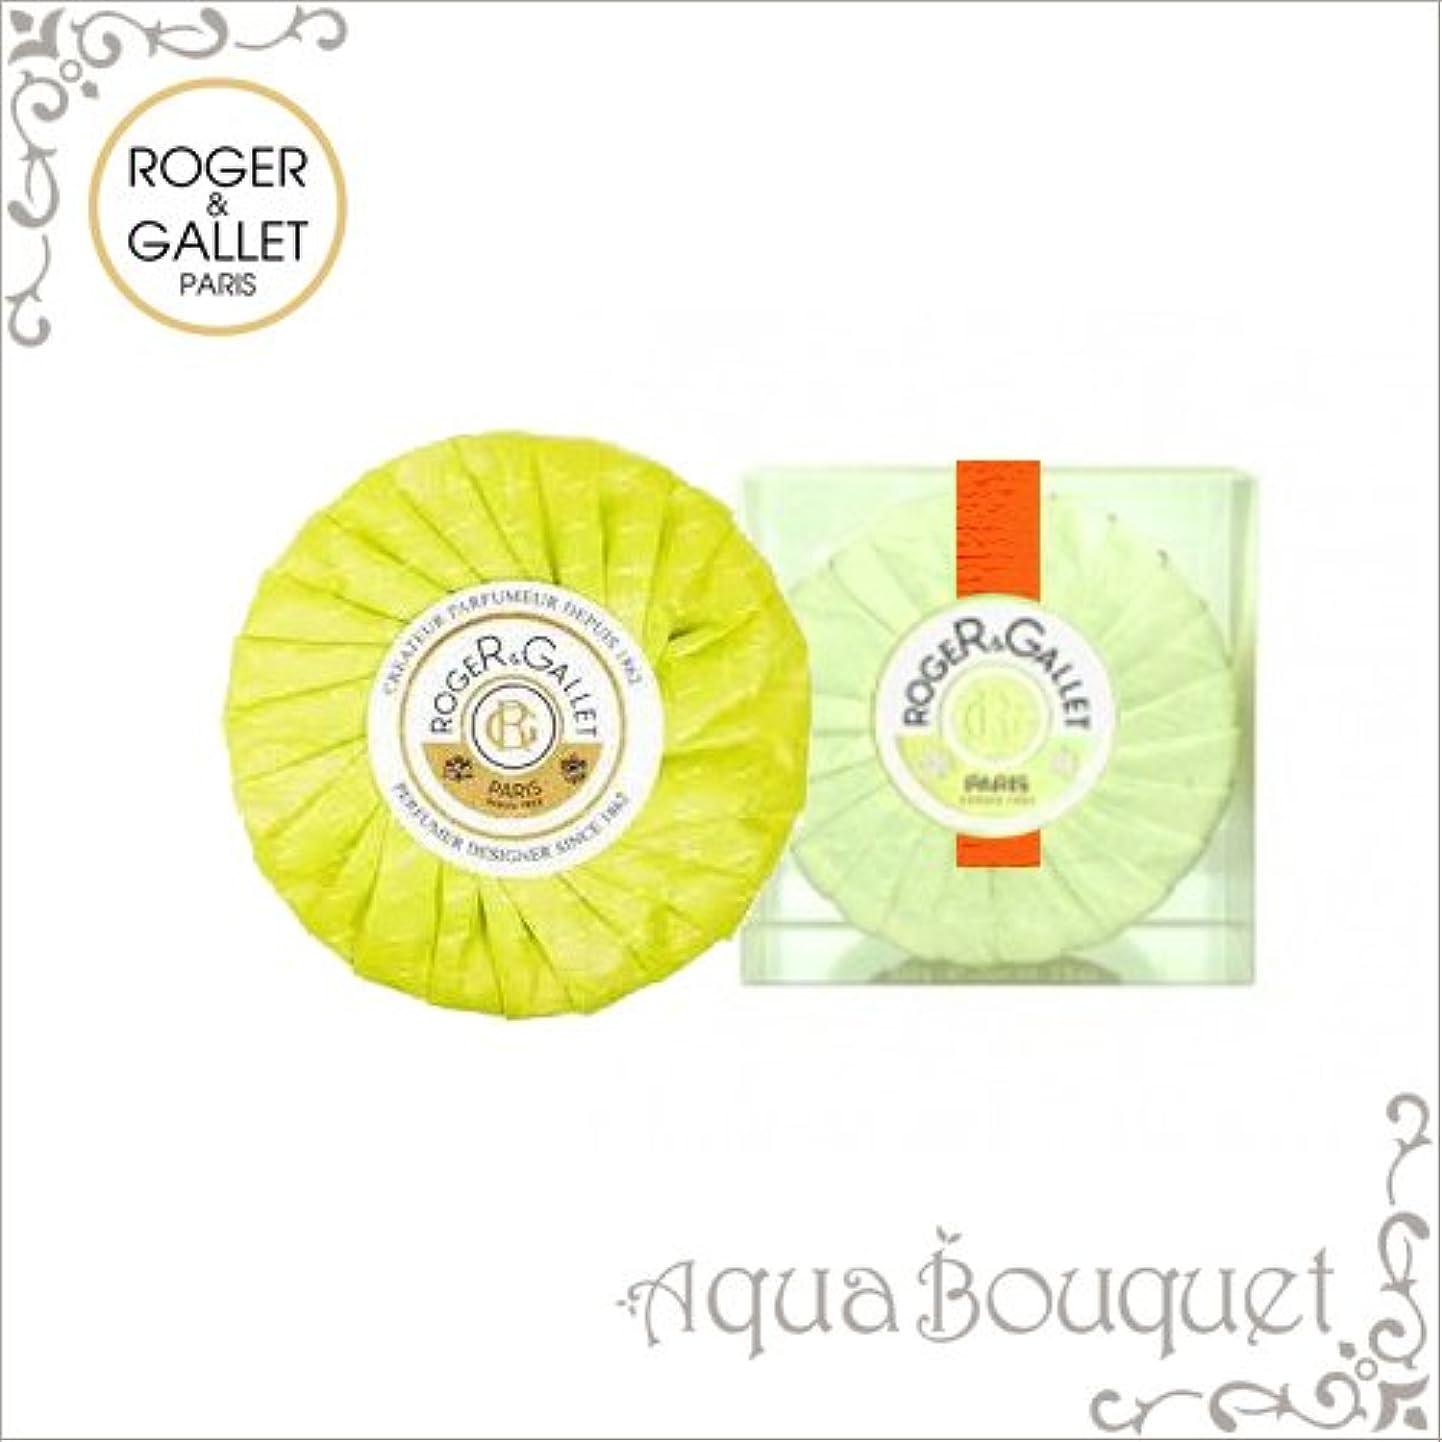 ペンス集計行動ロジェガレ オスマンティウスパフューム 香水石鹸 100g ROGER&GALLET FLEUR D'OSMANTHUS PERFUMED SOAP [1278](プラスチック簡易ケース入り) [並行輸入品]